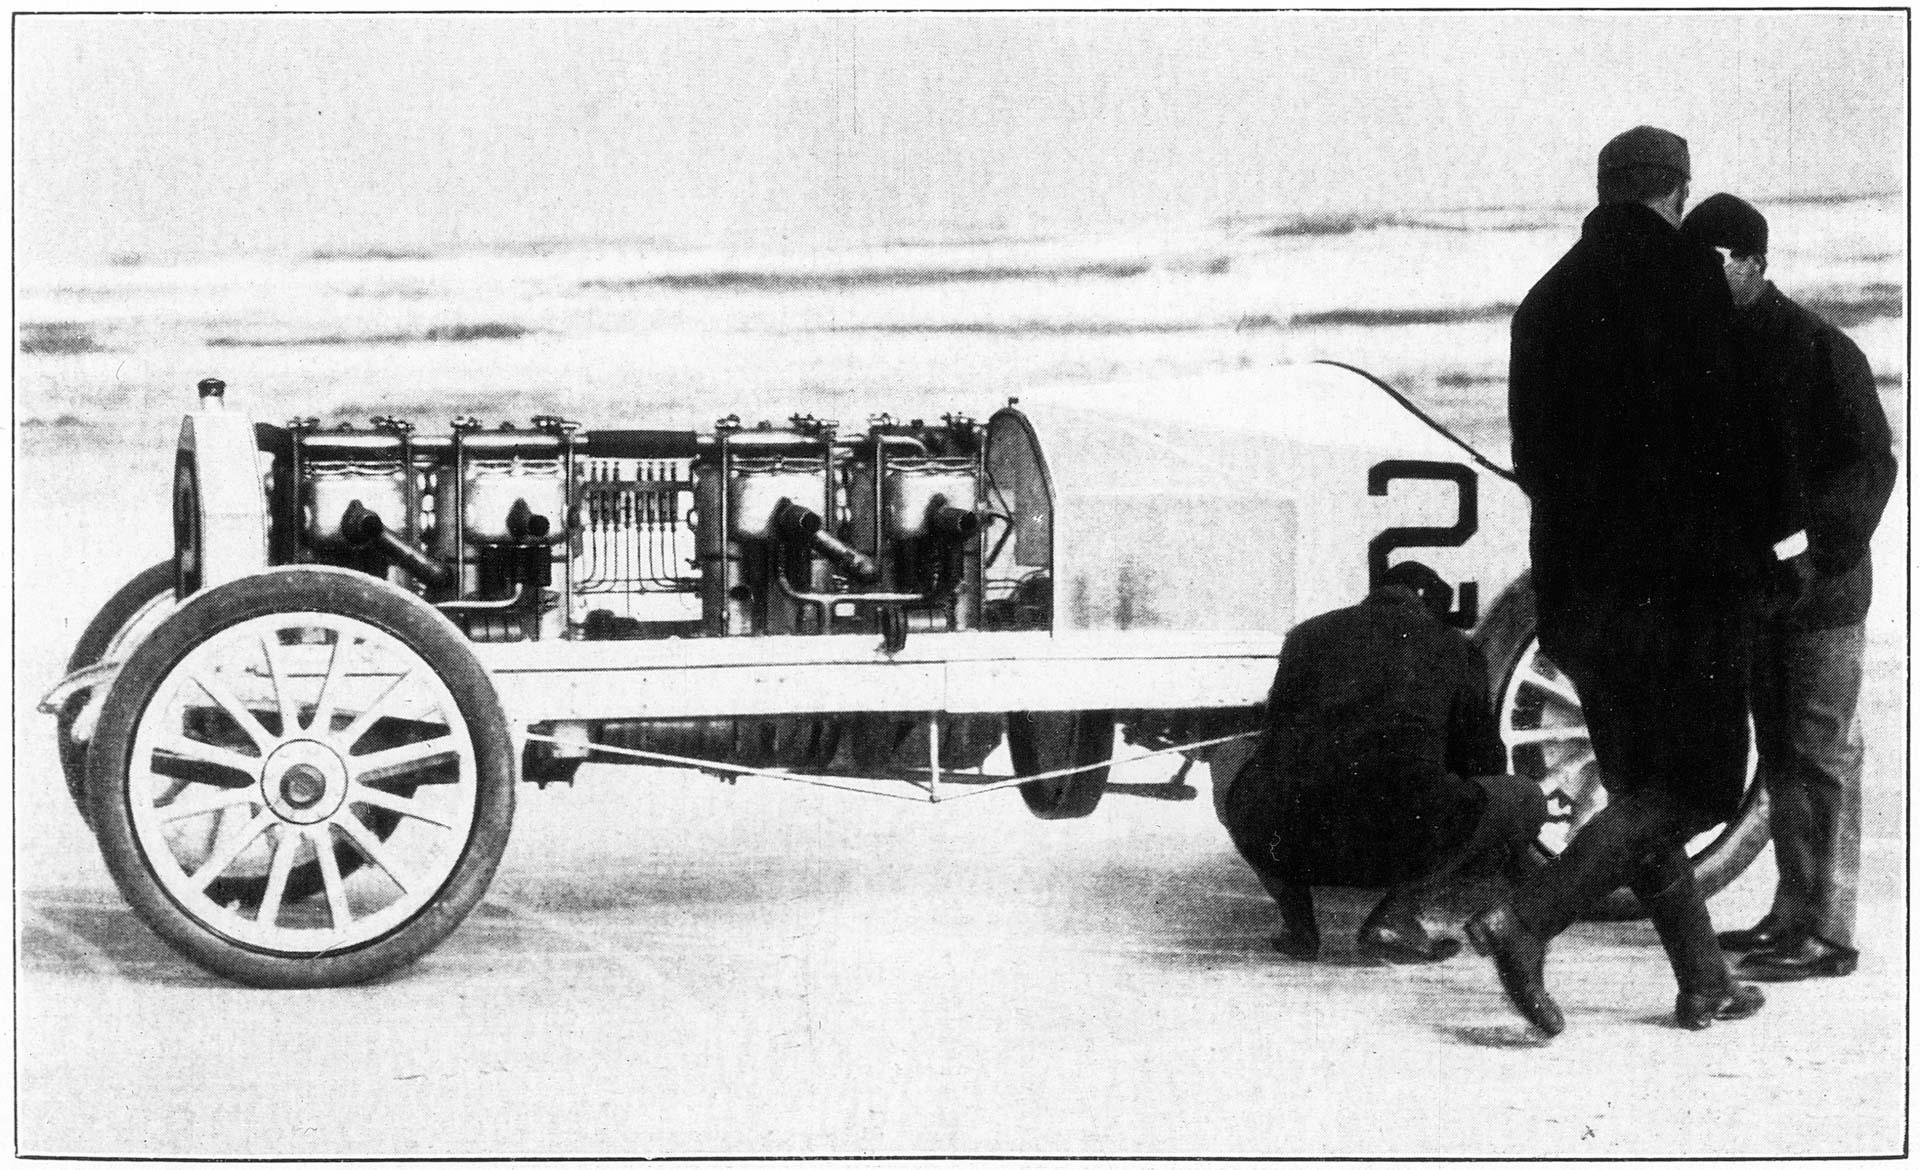 Meeting in Daytona, 25. Januar 1905. H. L. Bowden (Startnummer 2) während der Rekordversuche mit einem Fahrzeug, das von zwei Mercedes 60 PS-Motoren angetrieben wird.